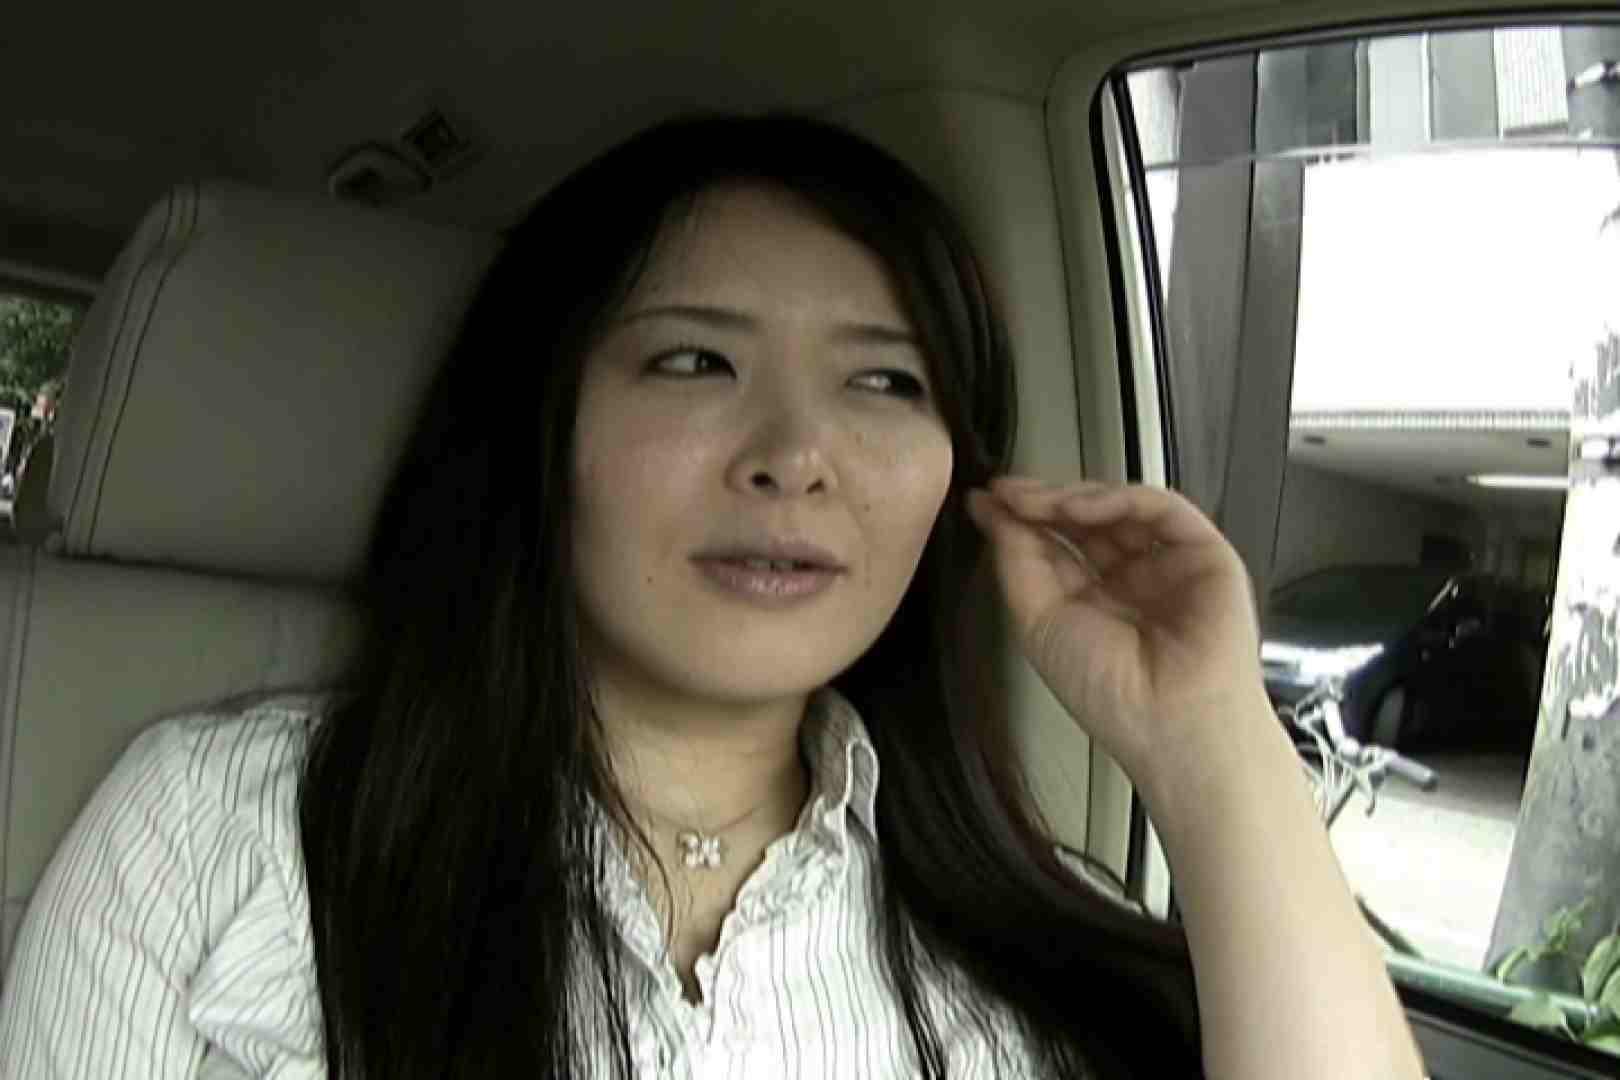 ハイビジョンパンチラ オッテQさんの追跡パンチラ制服女子編Vol.03 むっちり | パンチラハメ撮り  48pic 24